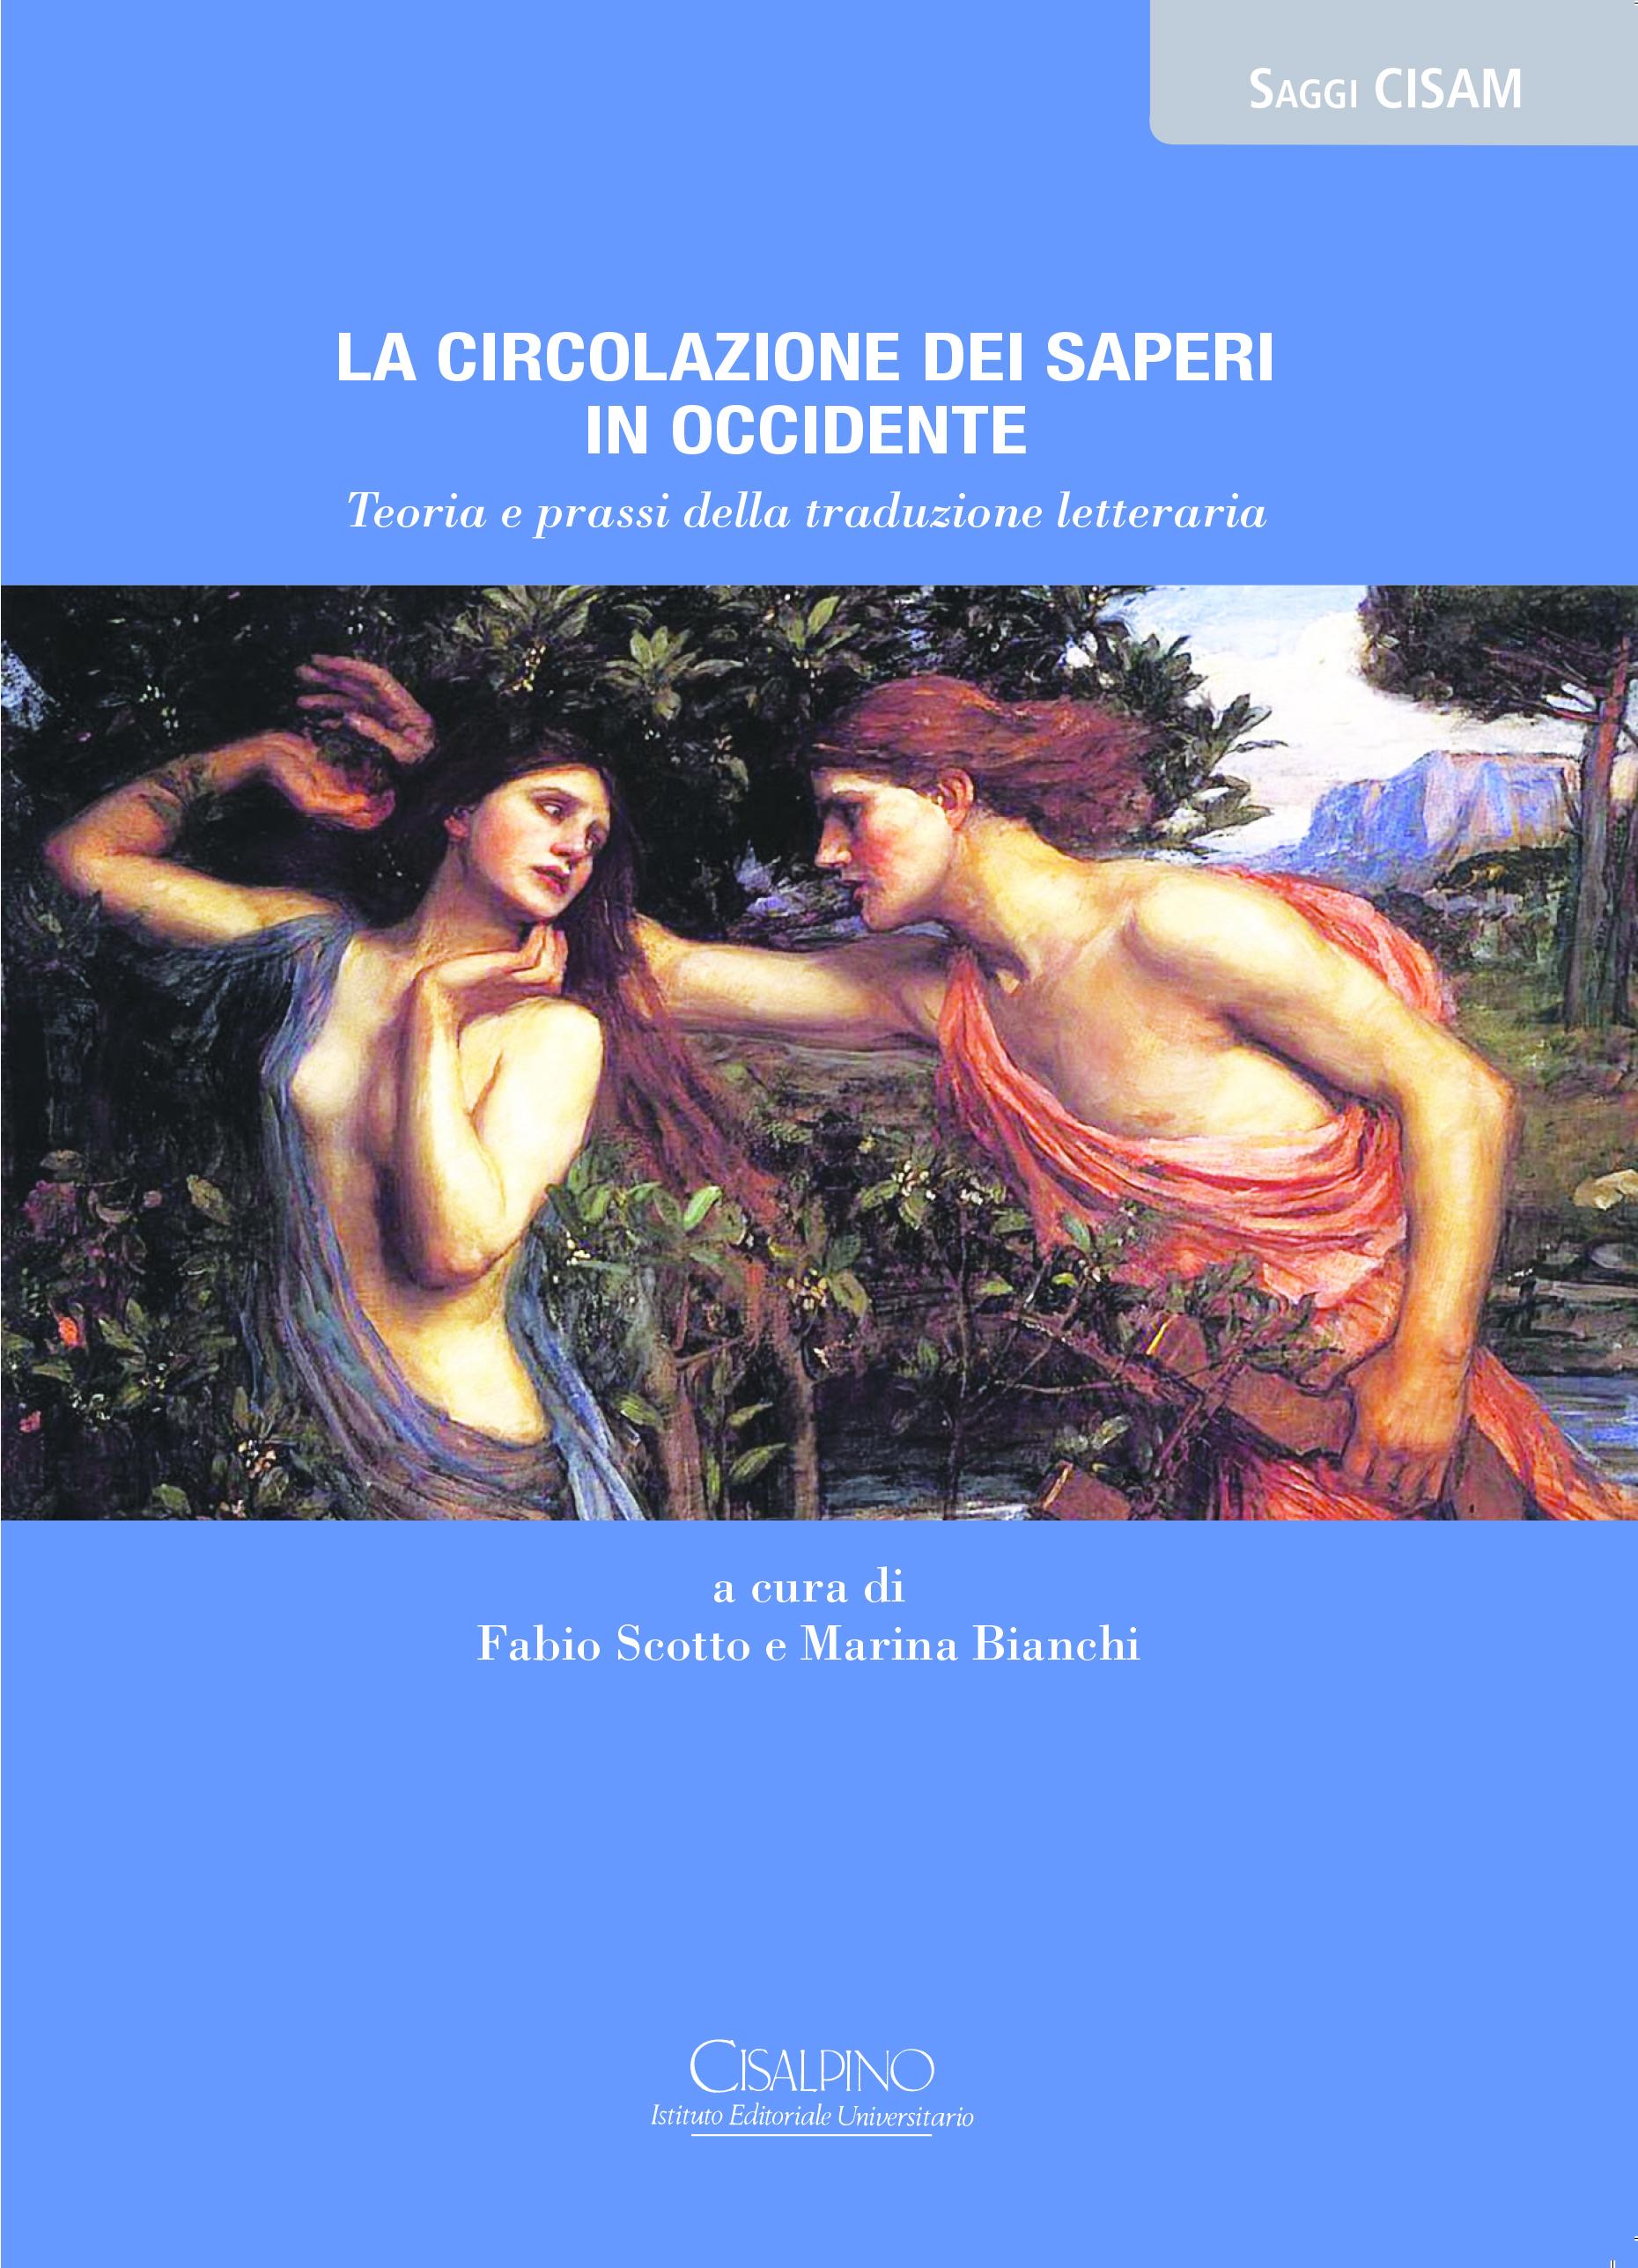 Circolazione-dei-saperi-Bianchi-Scotto-CISAM